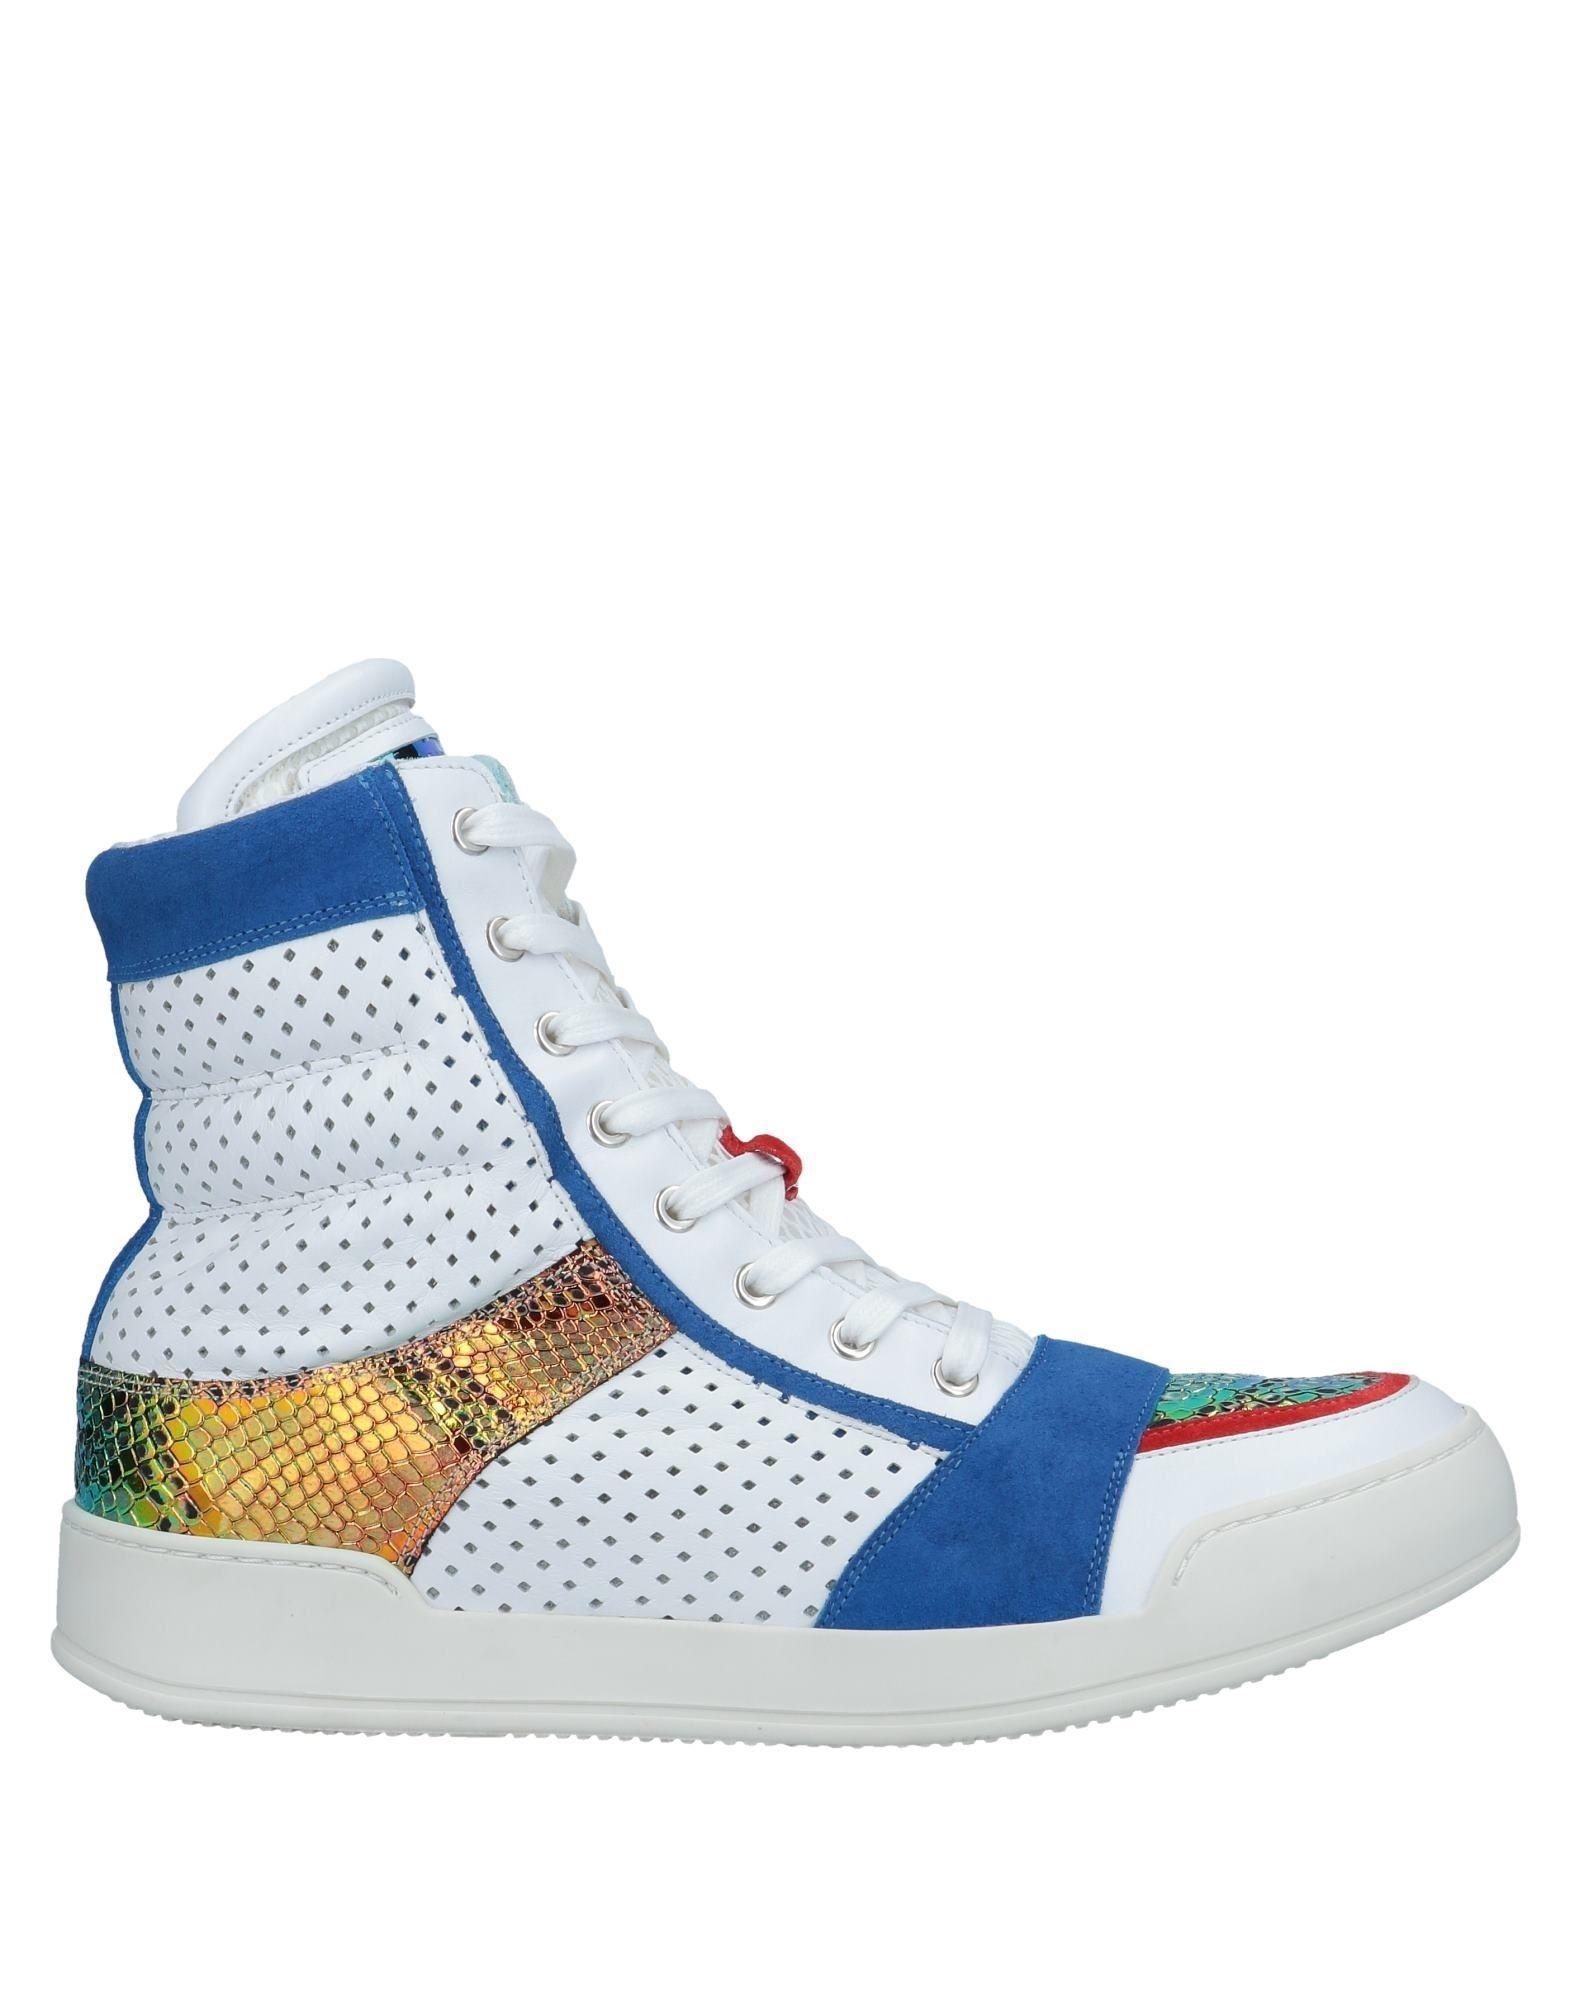 Balmain Sneakers United - Men Balmain Sneakers online on  United Sneakers Kingdom - 11553191RV 2ef06c